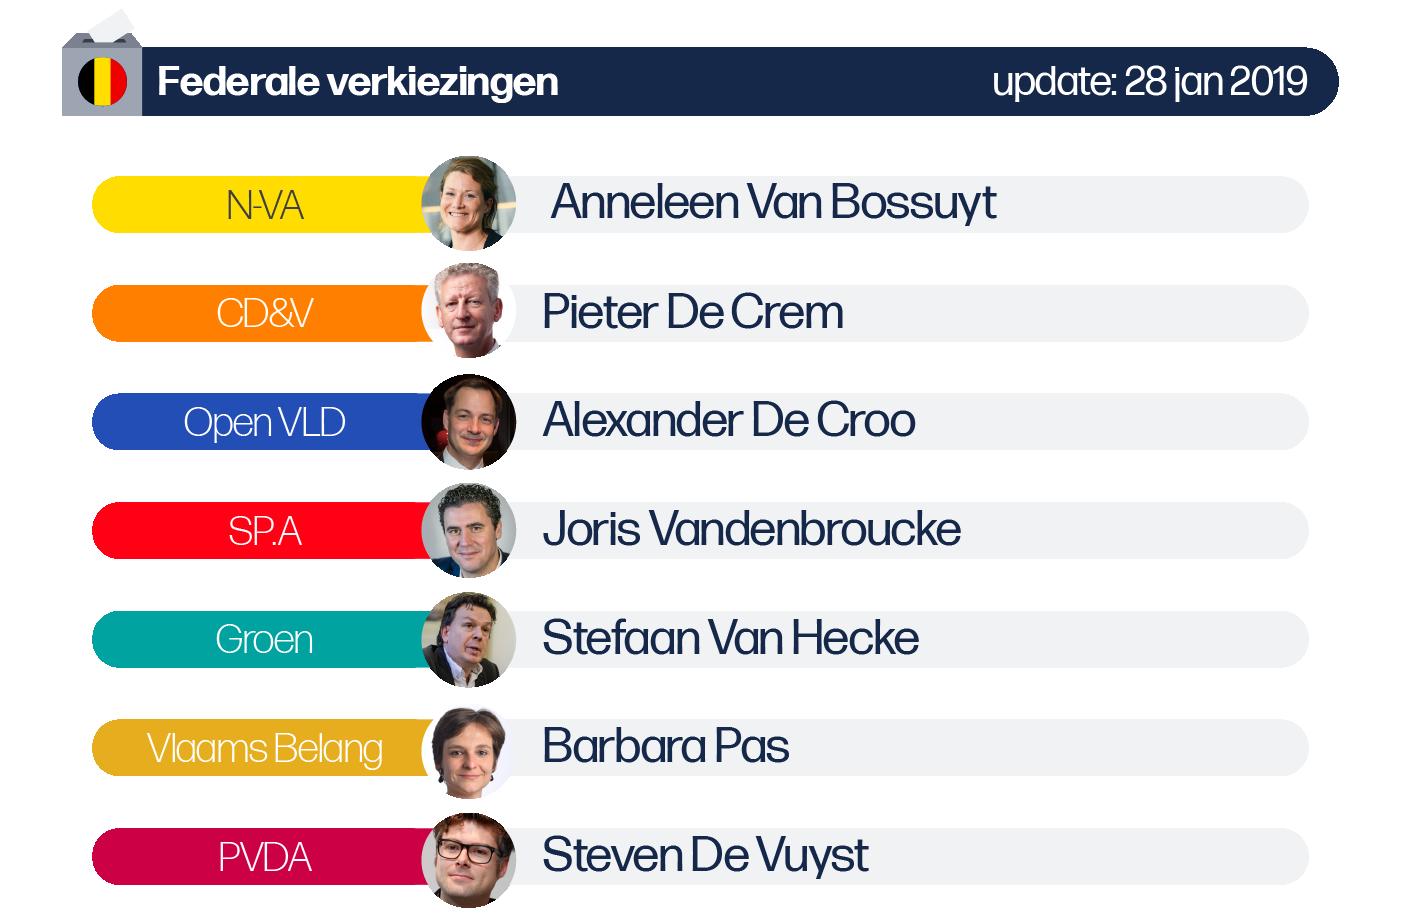 Deze afbeelding omvat volgende lijsttrekkers voor de Federale verkiezingen van de provincie Oost-Vlaanderen: N-VA: Anneleen Van Bossuyt, CD&V: Pieter De Crem, SP.A: Joris Vandenbroucke, Vlaams Belang: Barbara Pas